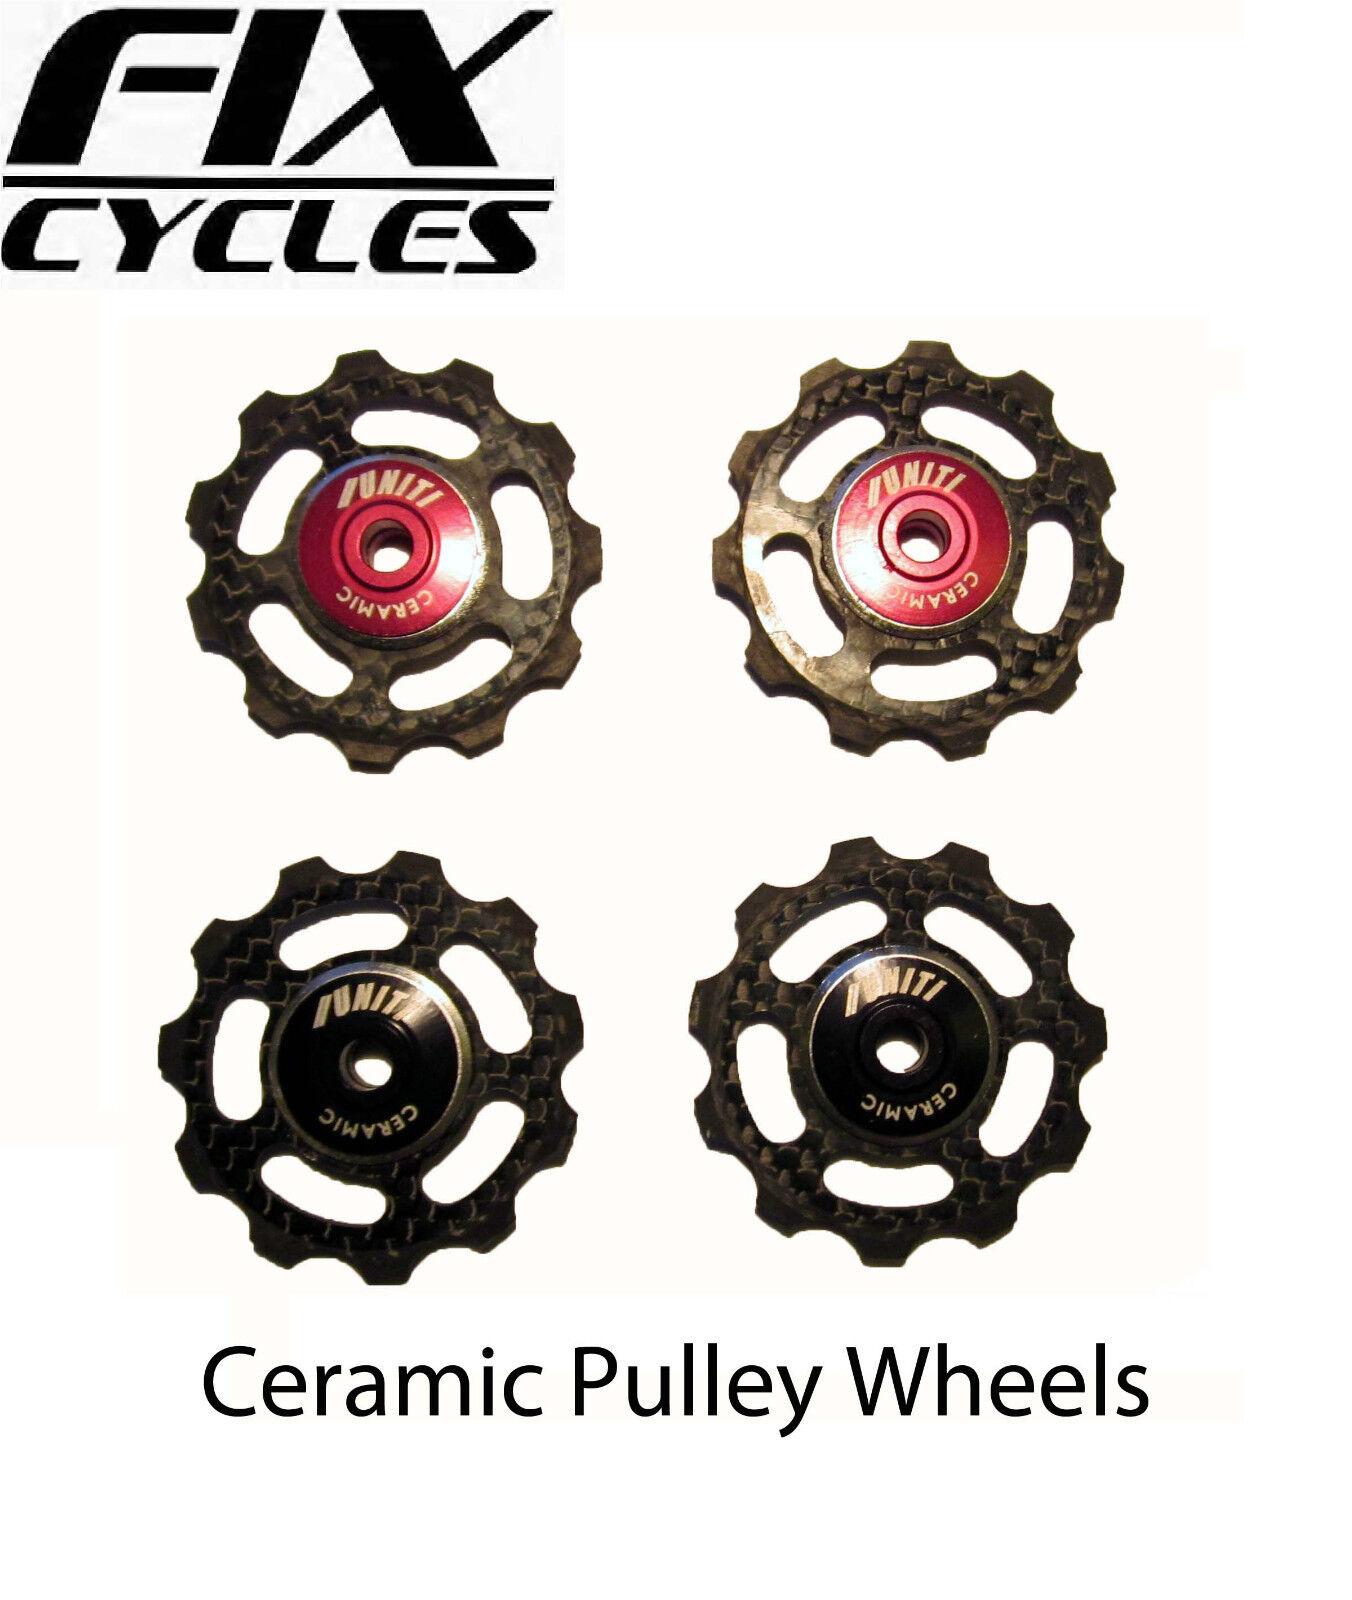 Uniti fibra de carbon ruedas con  Cerámica spool - 6,5g cada uno  for sale